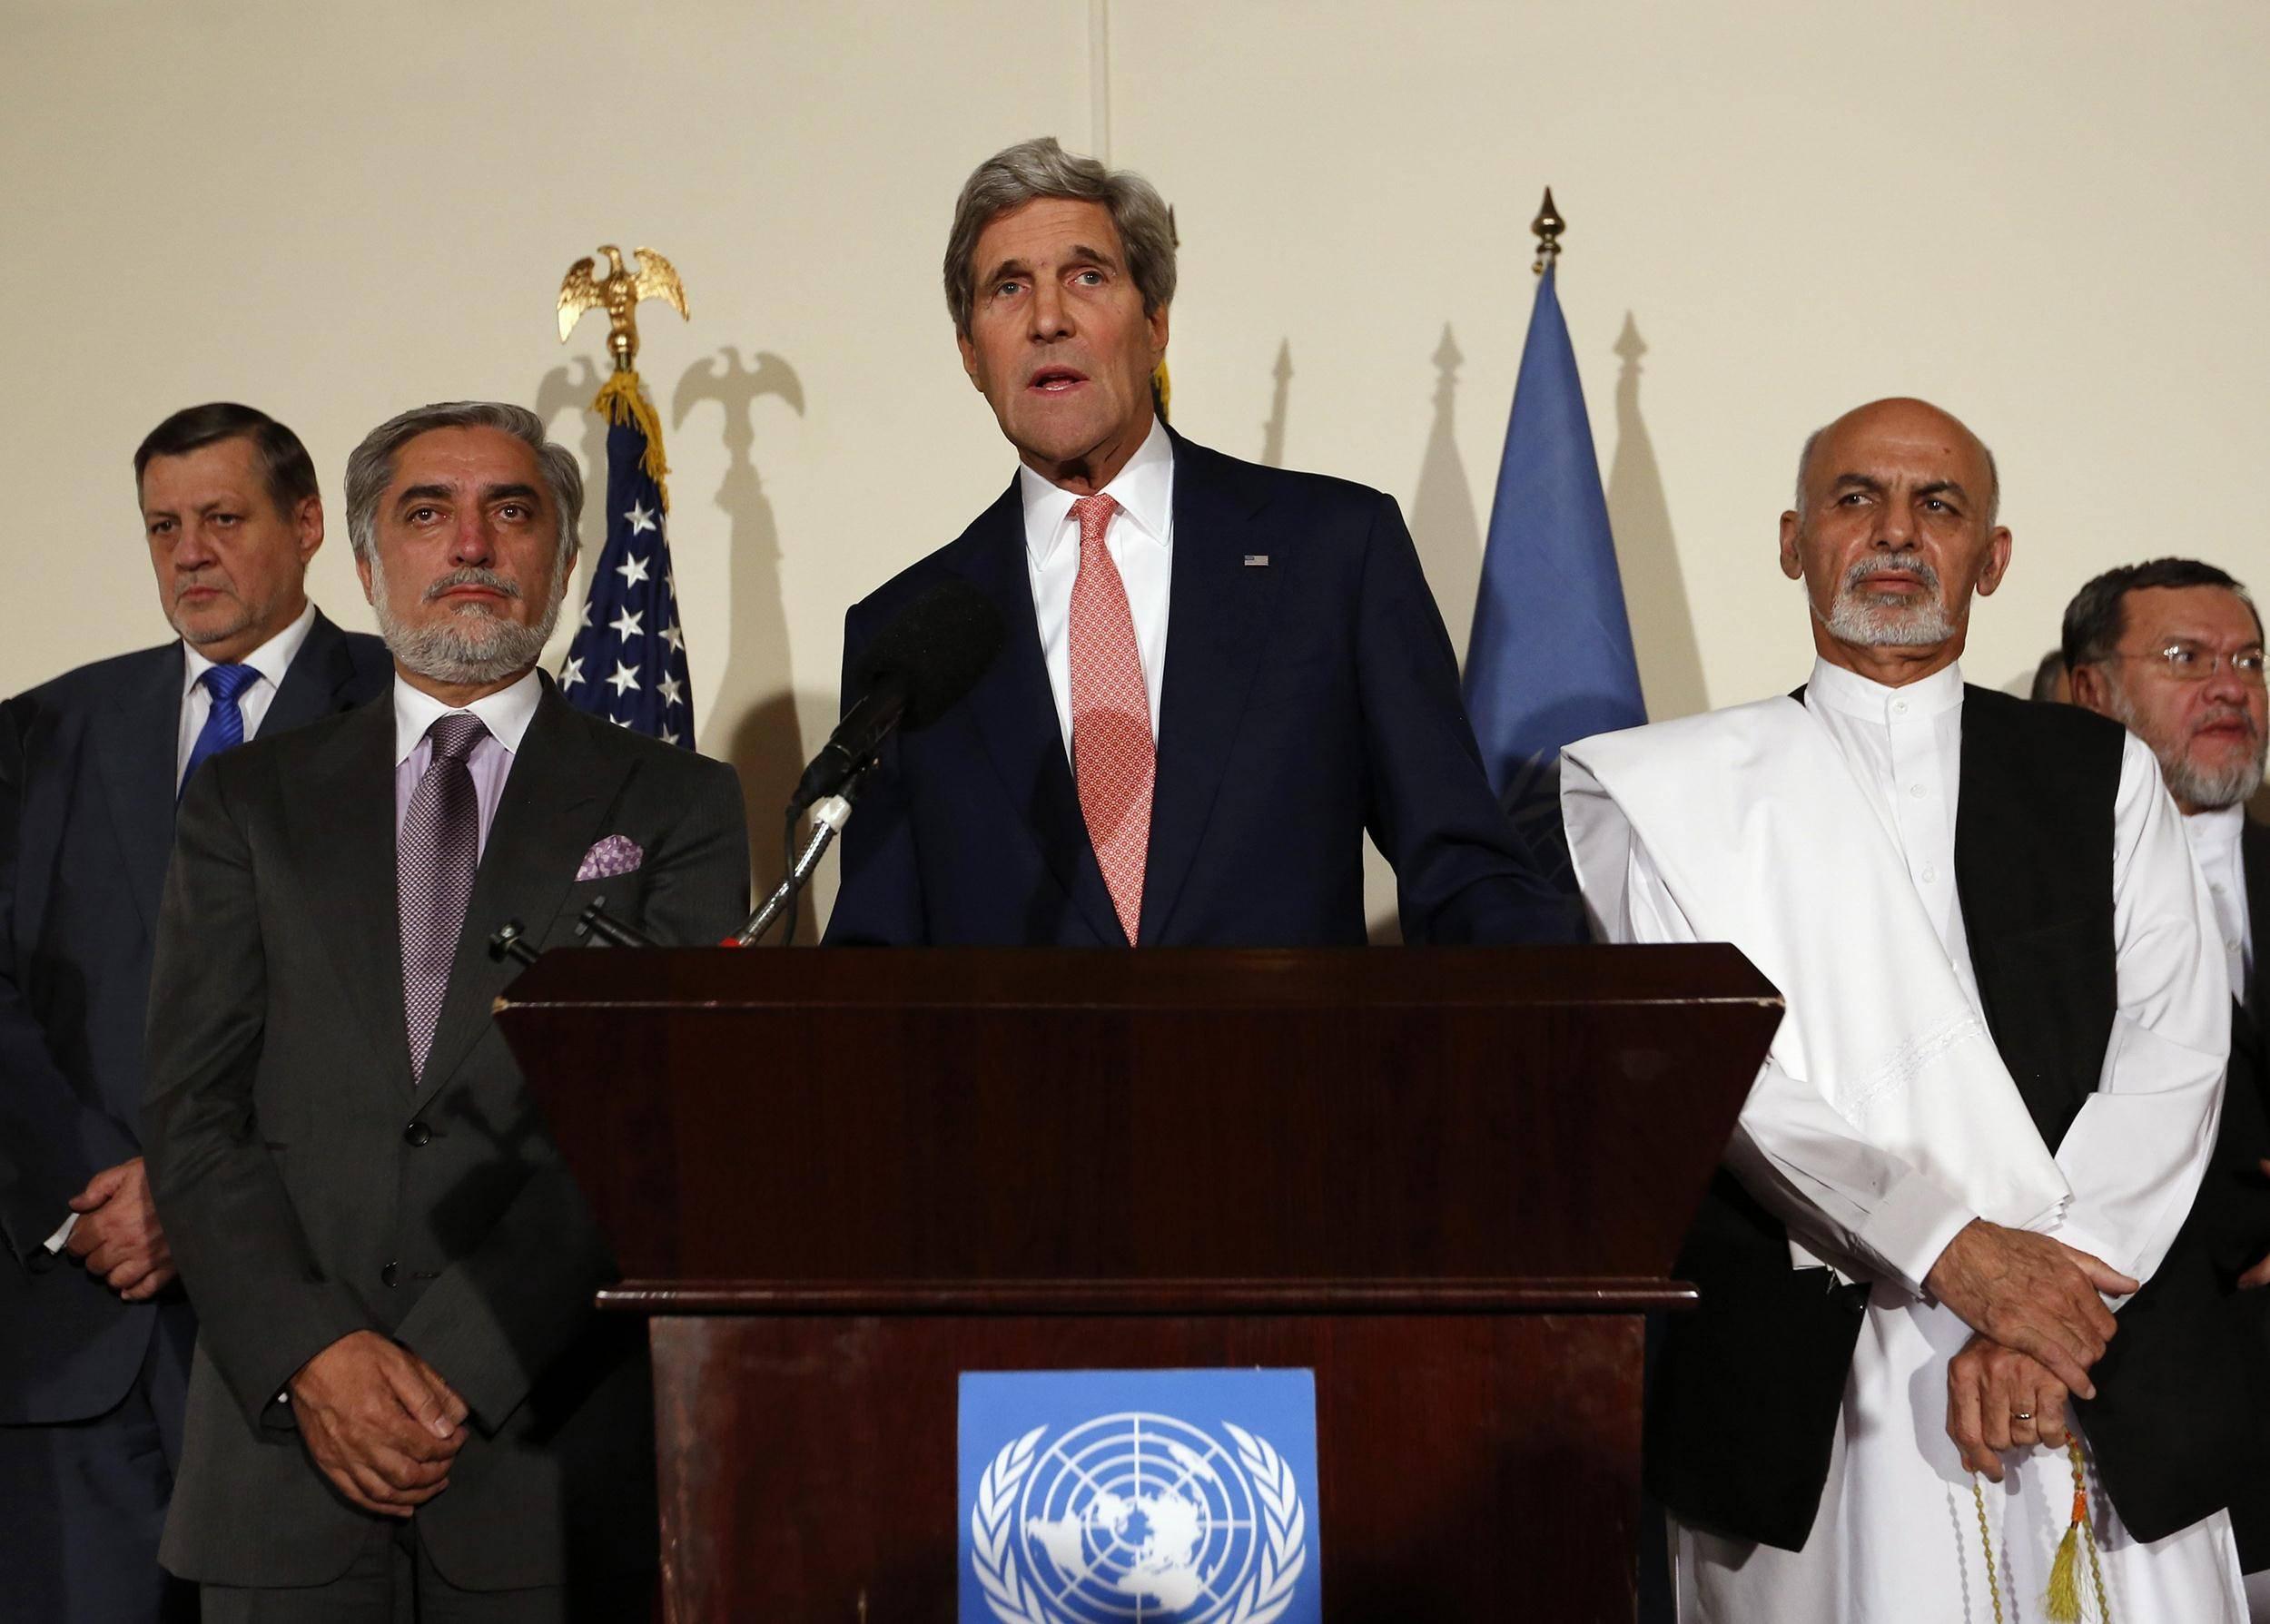 kerry diplomacy